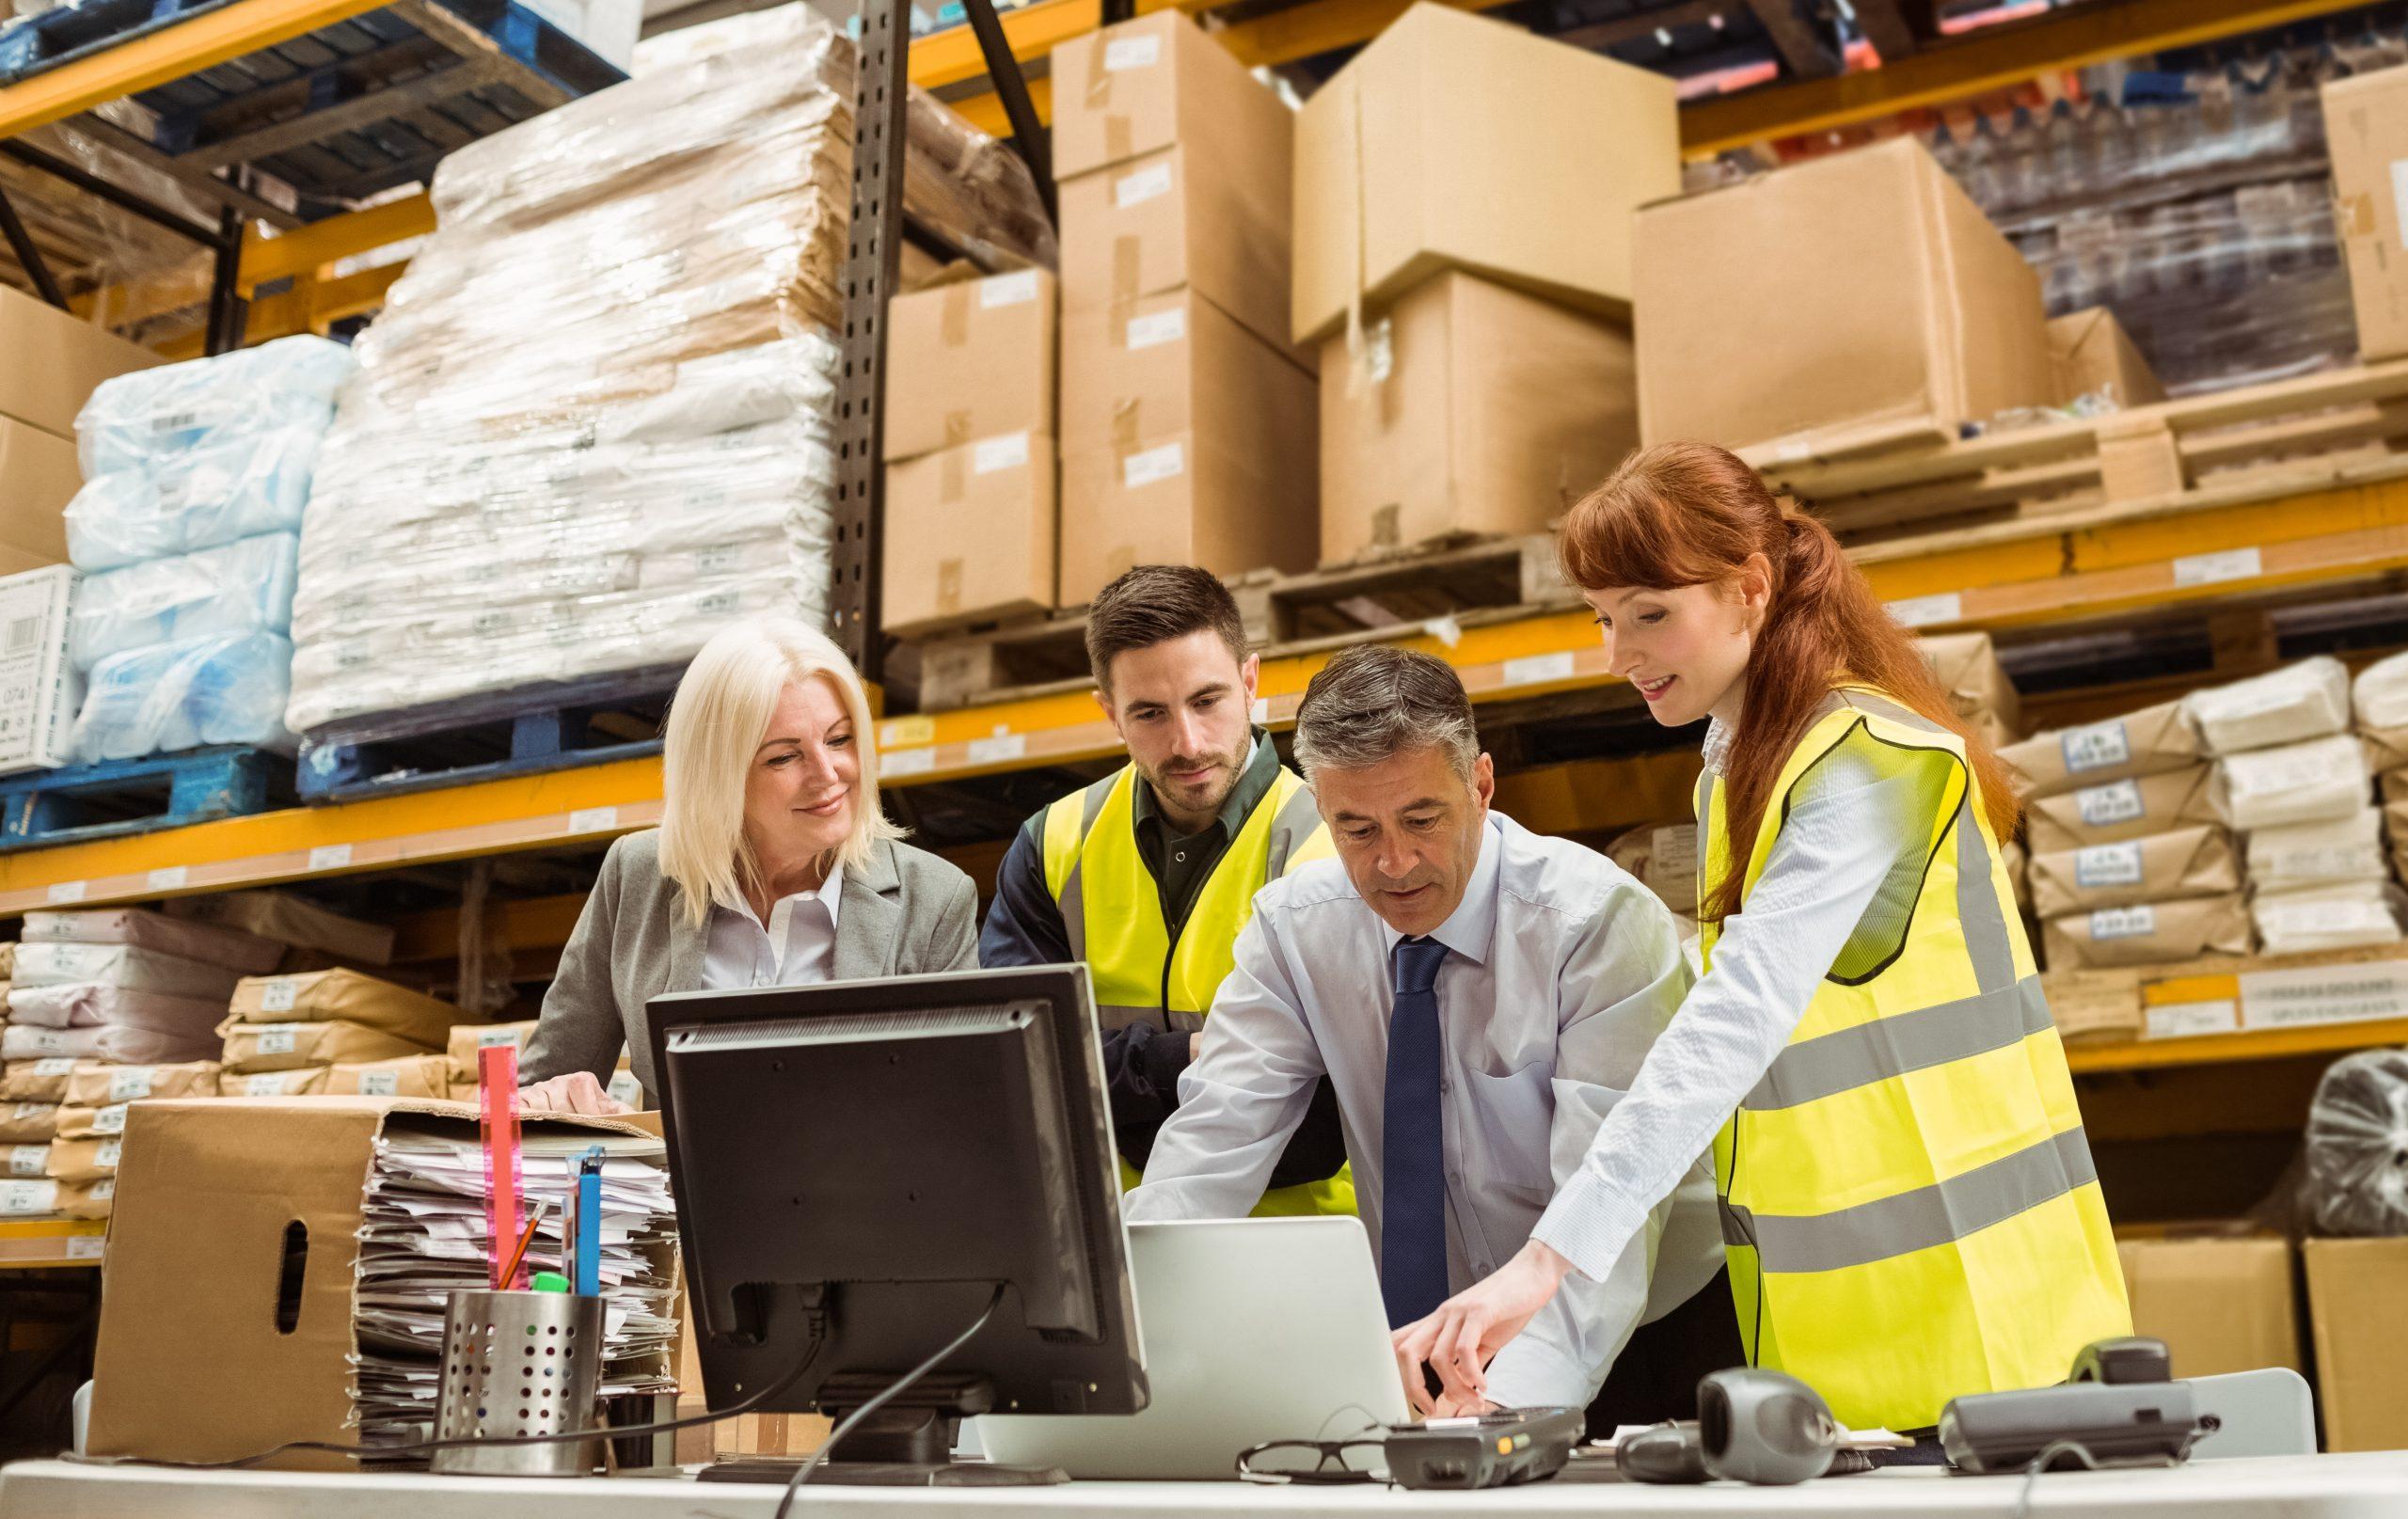 Objetivos de la gestión logística y sus beneficios